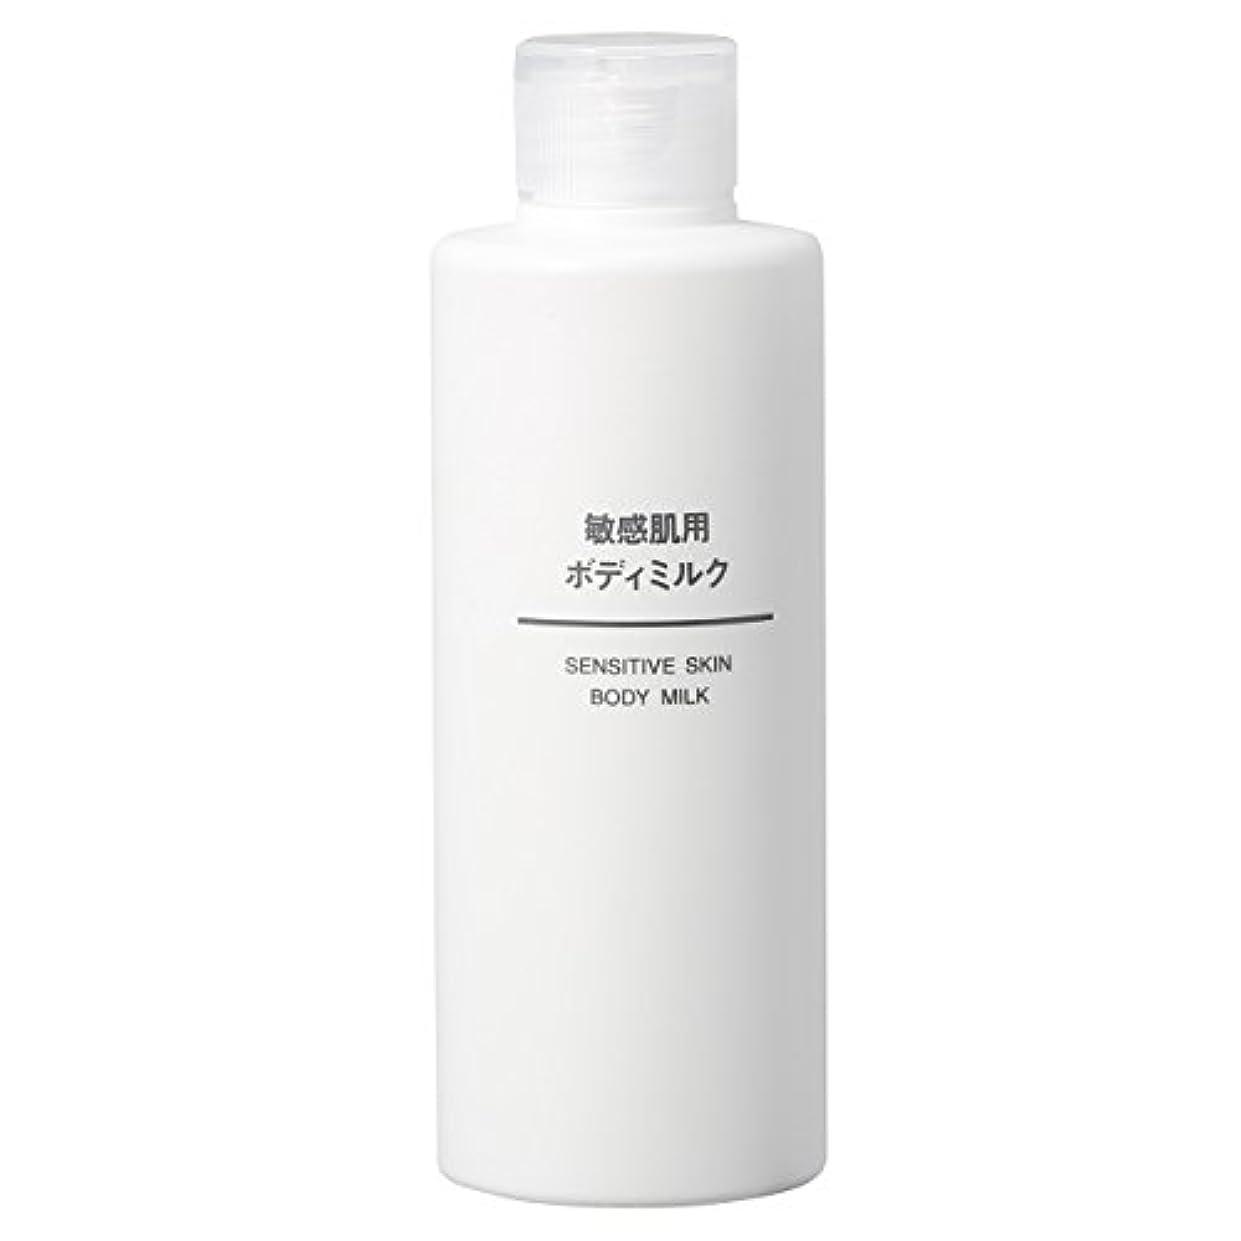 幹賄賂アパル無印良品 敏感肌用 ボディミルク 200ml 日本製